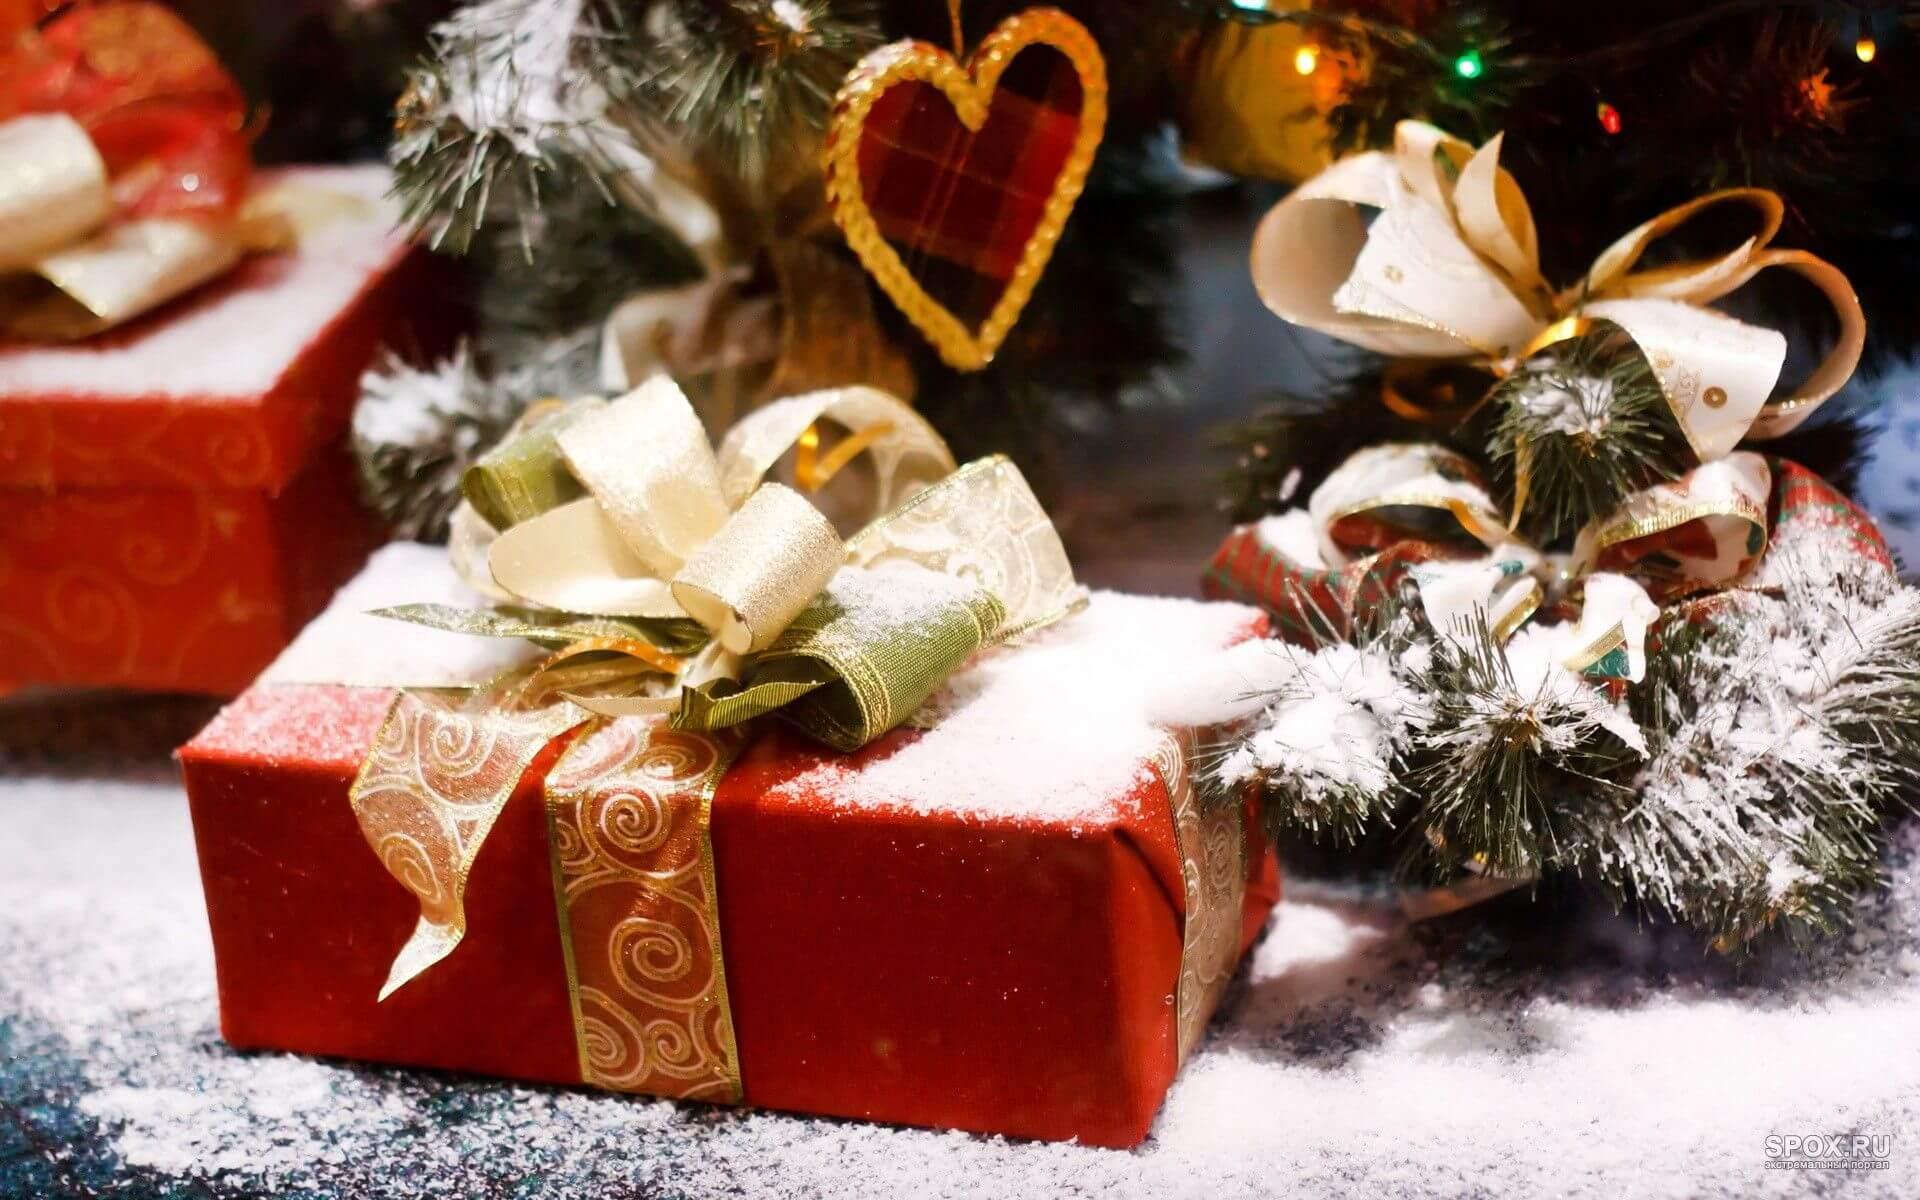 Красивые картинки подарков на Новый год 2019 - подборка 15